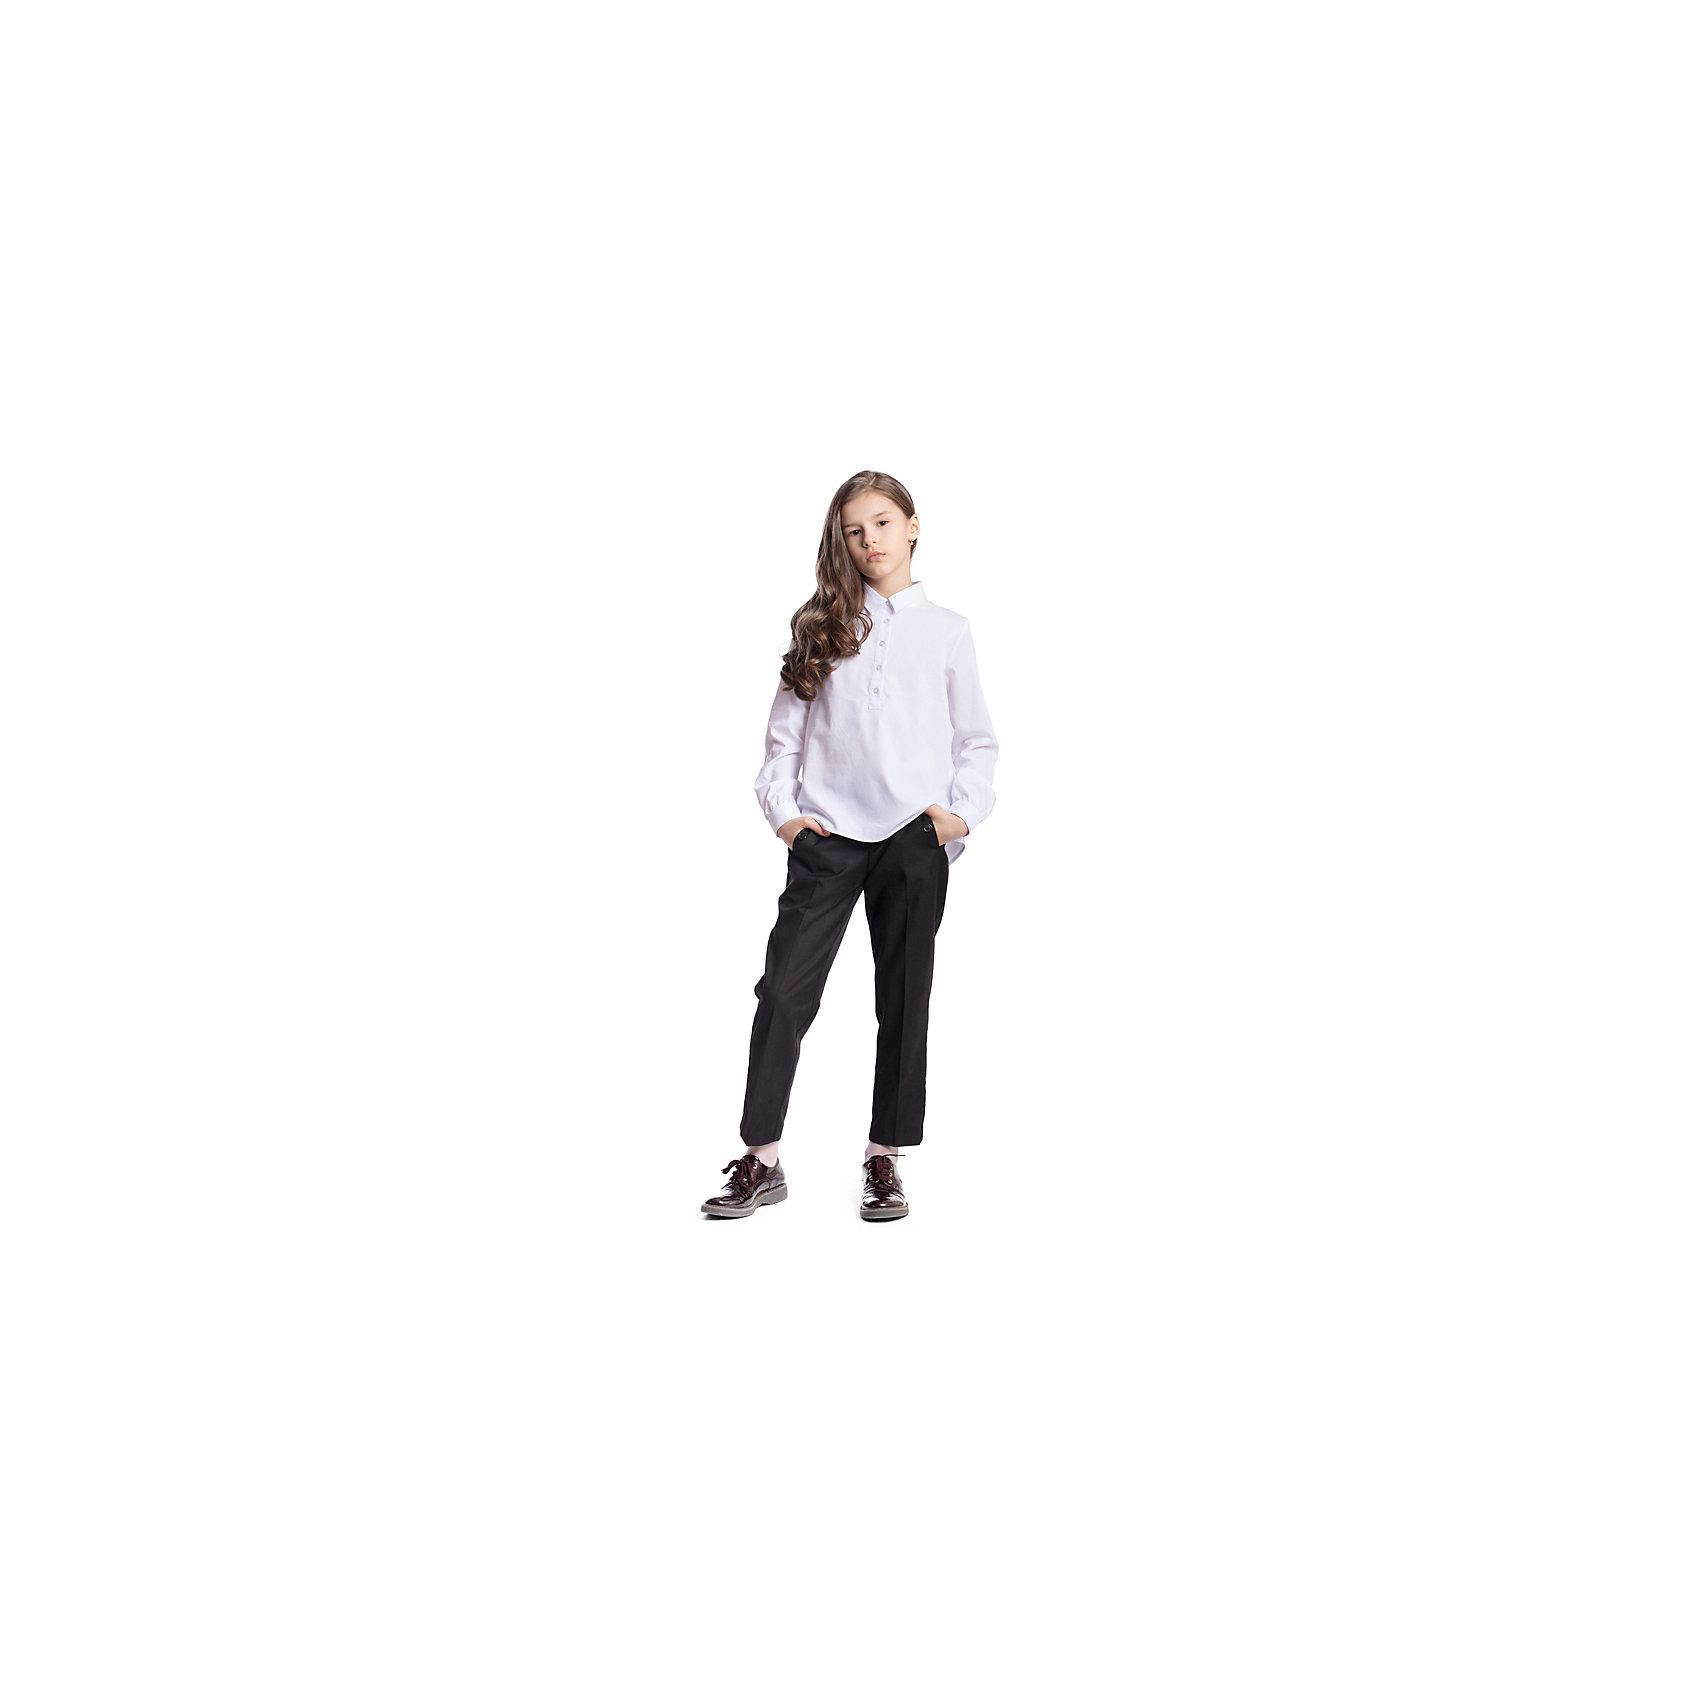 Брюки текстильные для девочки ScoolБрюки<br>Брюки текстильные для девочки Scool<br>Брюки - капри со стрелками в деловом стиле. При конструировании этой модели учитывались все детские физиологические особенности. По талии предусмотрена регулировка за счет удобной резинки на пуговицах.Преимущества: Модель со шлевками при необходимости можно использовать ременьБрюки с вшивными карманами на пуговицах<br>Состав:<br>65% полиэстер, 35% вискоза<br><br>Ширина мм: 215<br>Глубина мм: 88<br>Высота мм: 191<br>Вес г: 336<br>Цвет: черный<br>Возраст от месяцев: 156<br>Возраст до месяцев: 168<br>Пол: Женский<br>Возраст: Детский<br>Размер: 164,122,128,134,140,146,152,158<br>SKU: 6754746